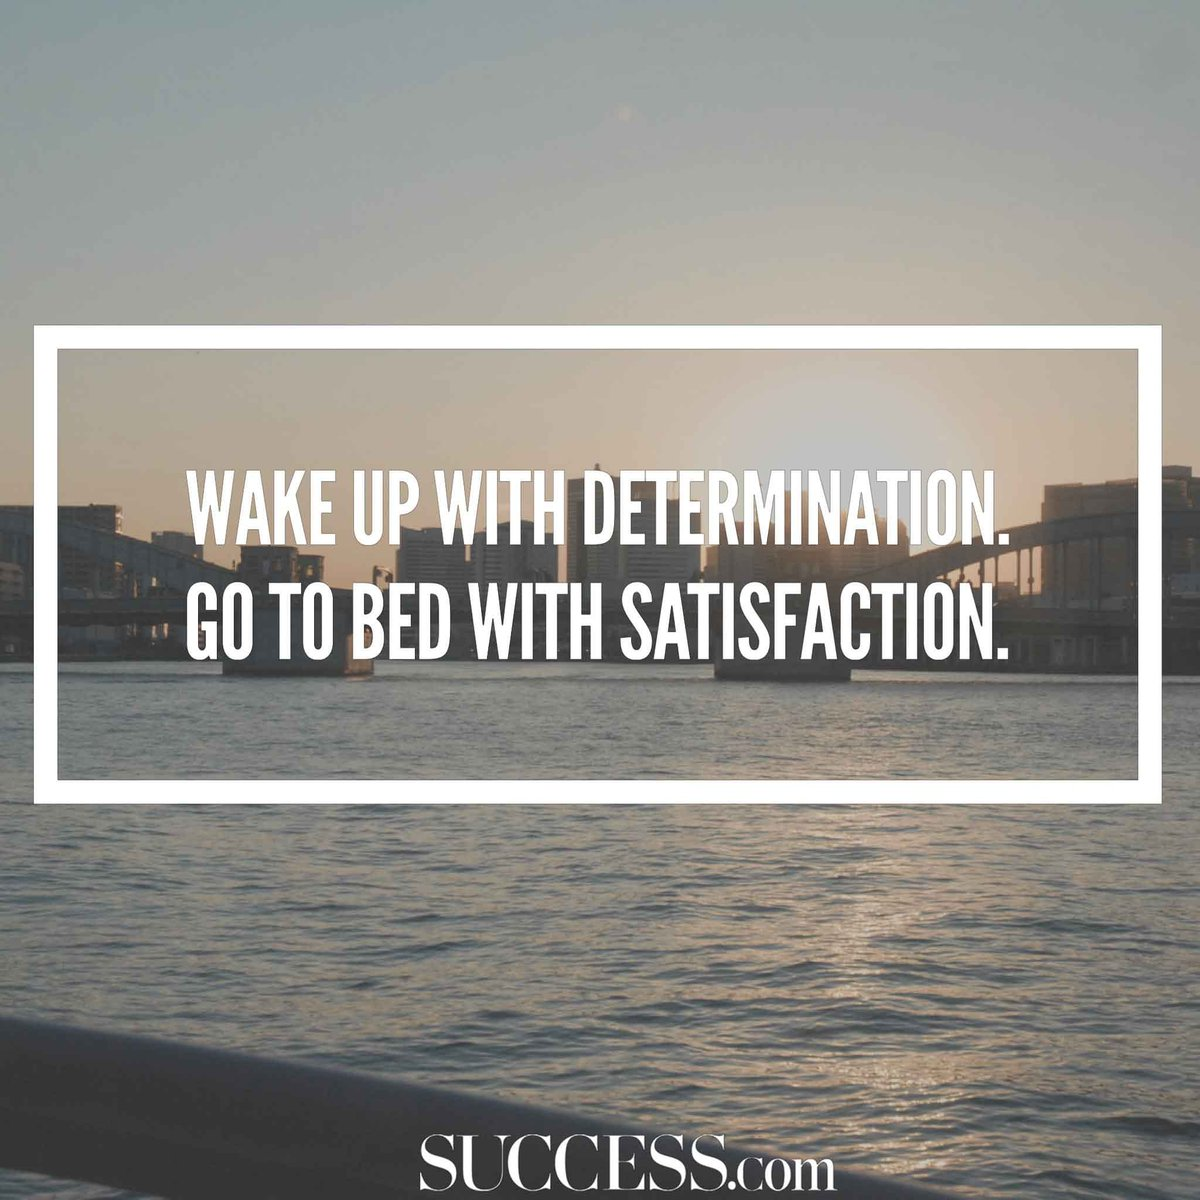 #motivationalquotes #motivation#motivation#coachinglifestyle  #inspirationthursday #quotesforlife #motivationthursday  #quoteslover #quotesaboutlife #inspirationalquotes #quoteoftheday #quotesdaily #successquotes #successmindset #quotestoliveby #inspiration #quotespic.twitter.com/VjkQknzuAZ